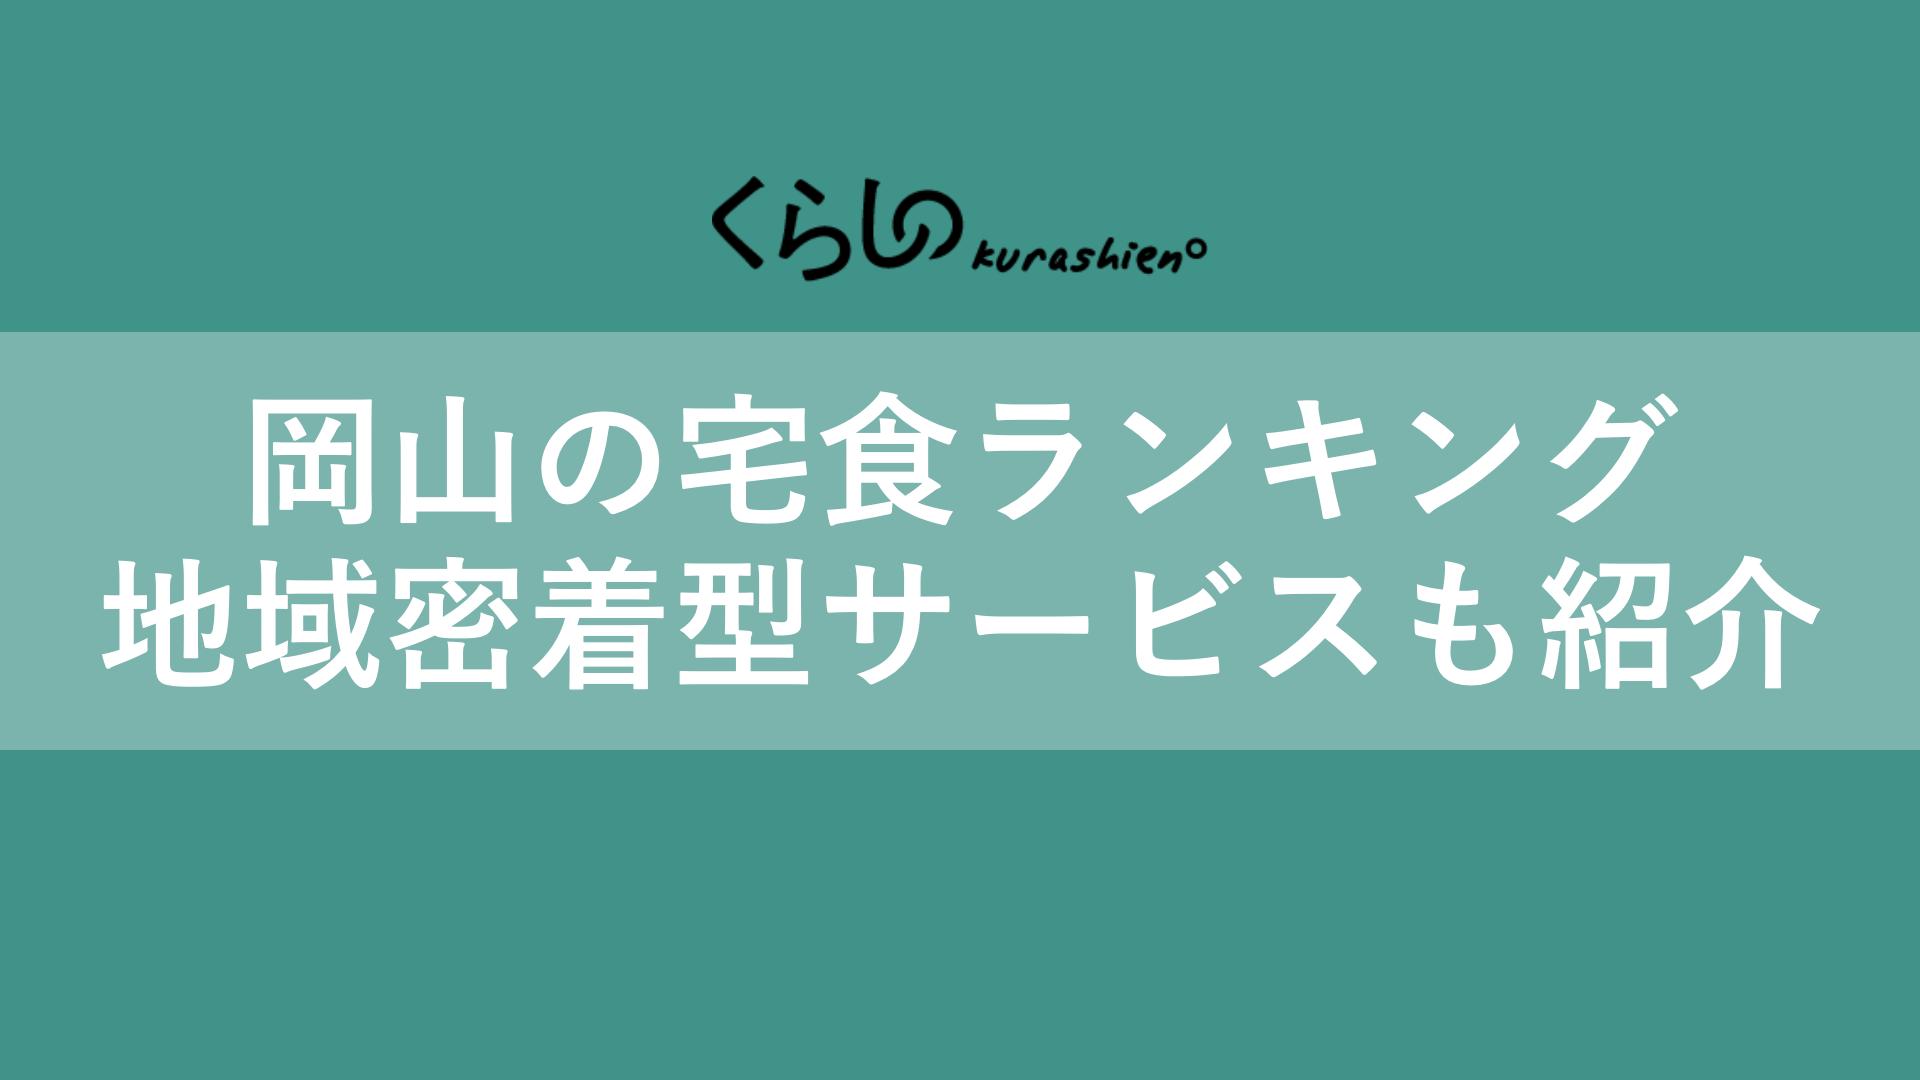 岡山の宅食サービス・宅配弁当おすすめランキング!地域密着型サービスも紹介